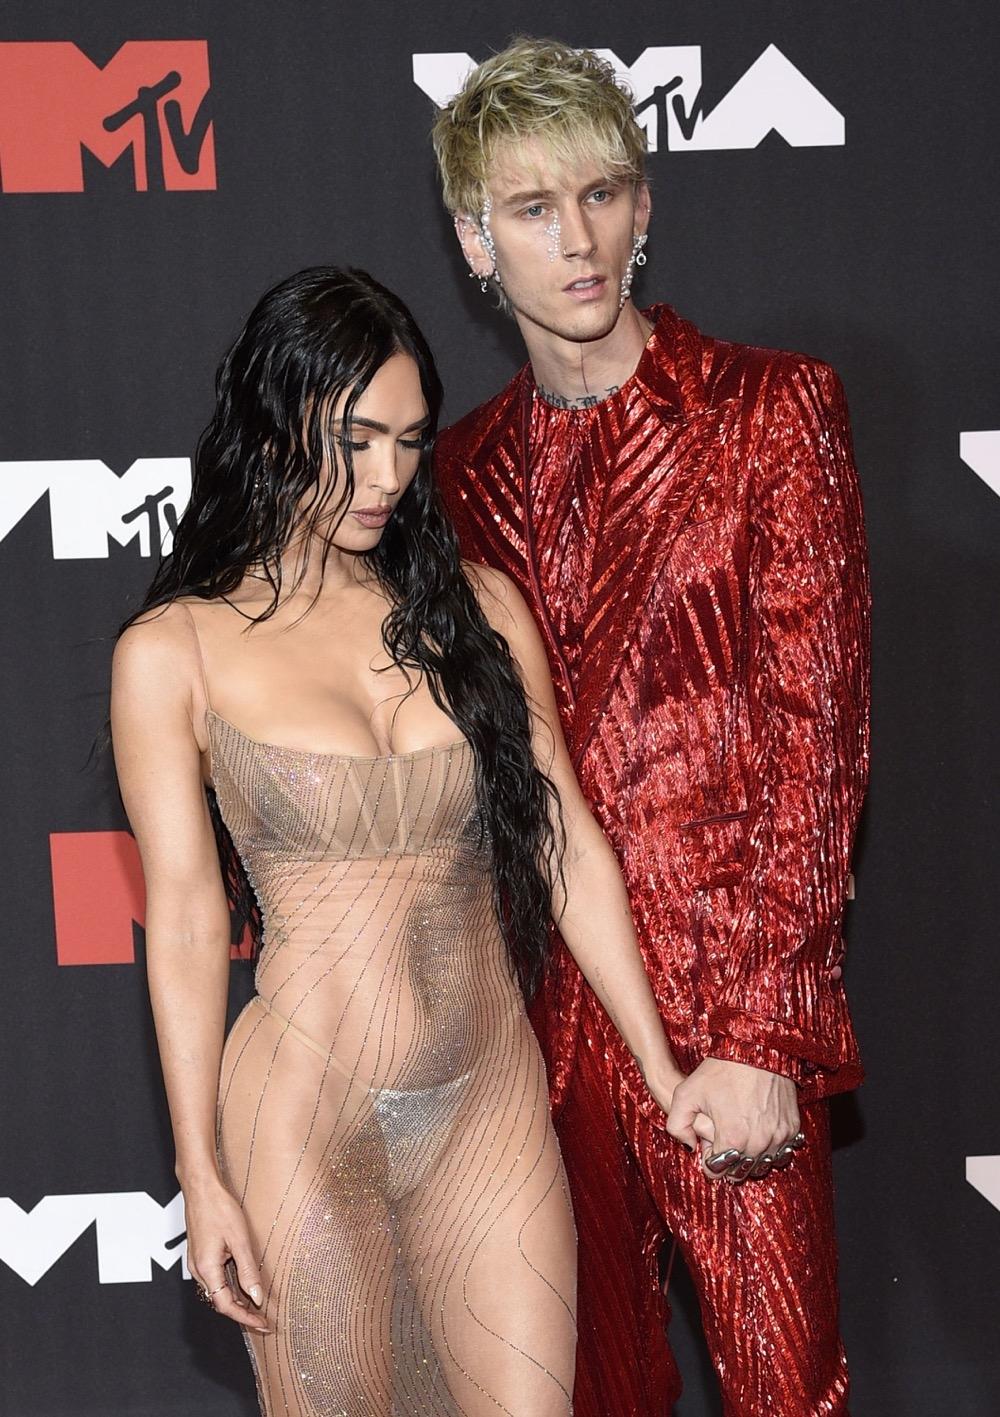 Пэрис Хилтон, Аврил Лавин, Билли Портер и другие звезды на красной дорожке MTV Video Music Awards 2021 (ФОТО) - фото №6